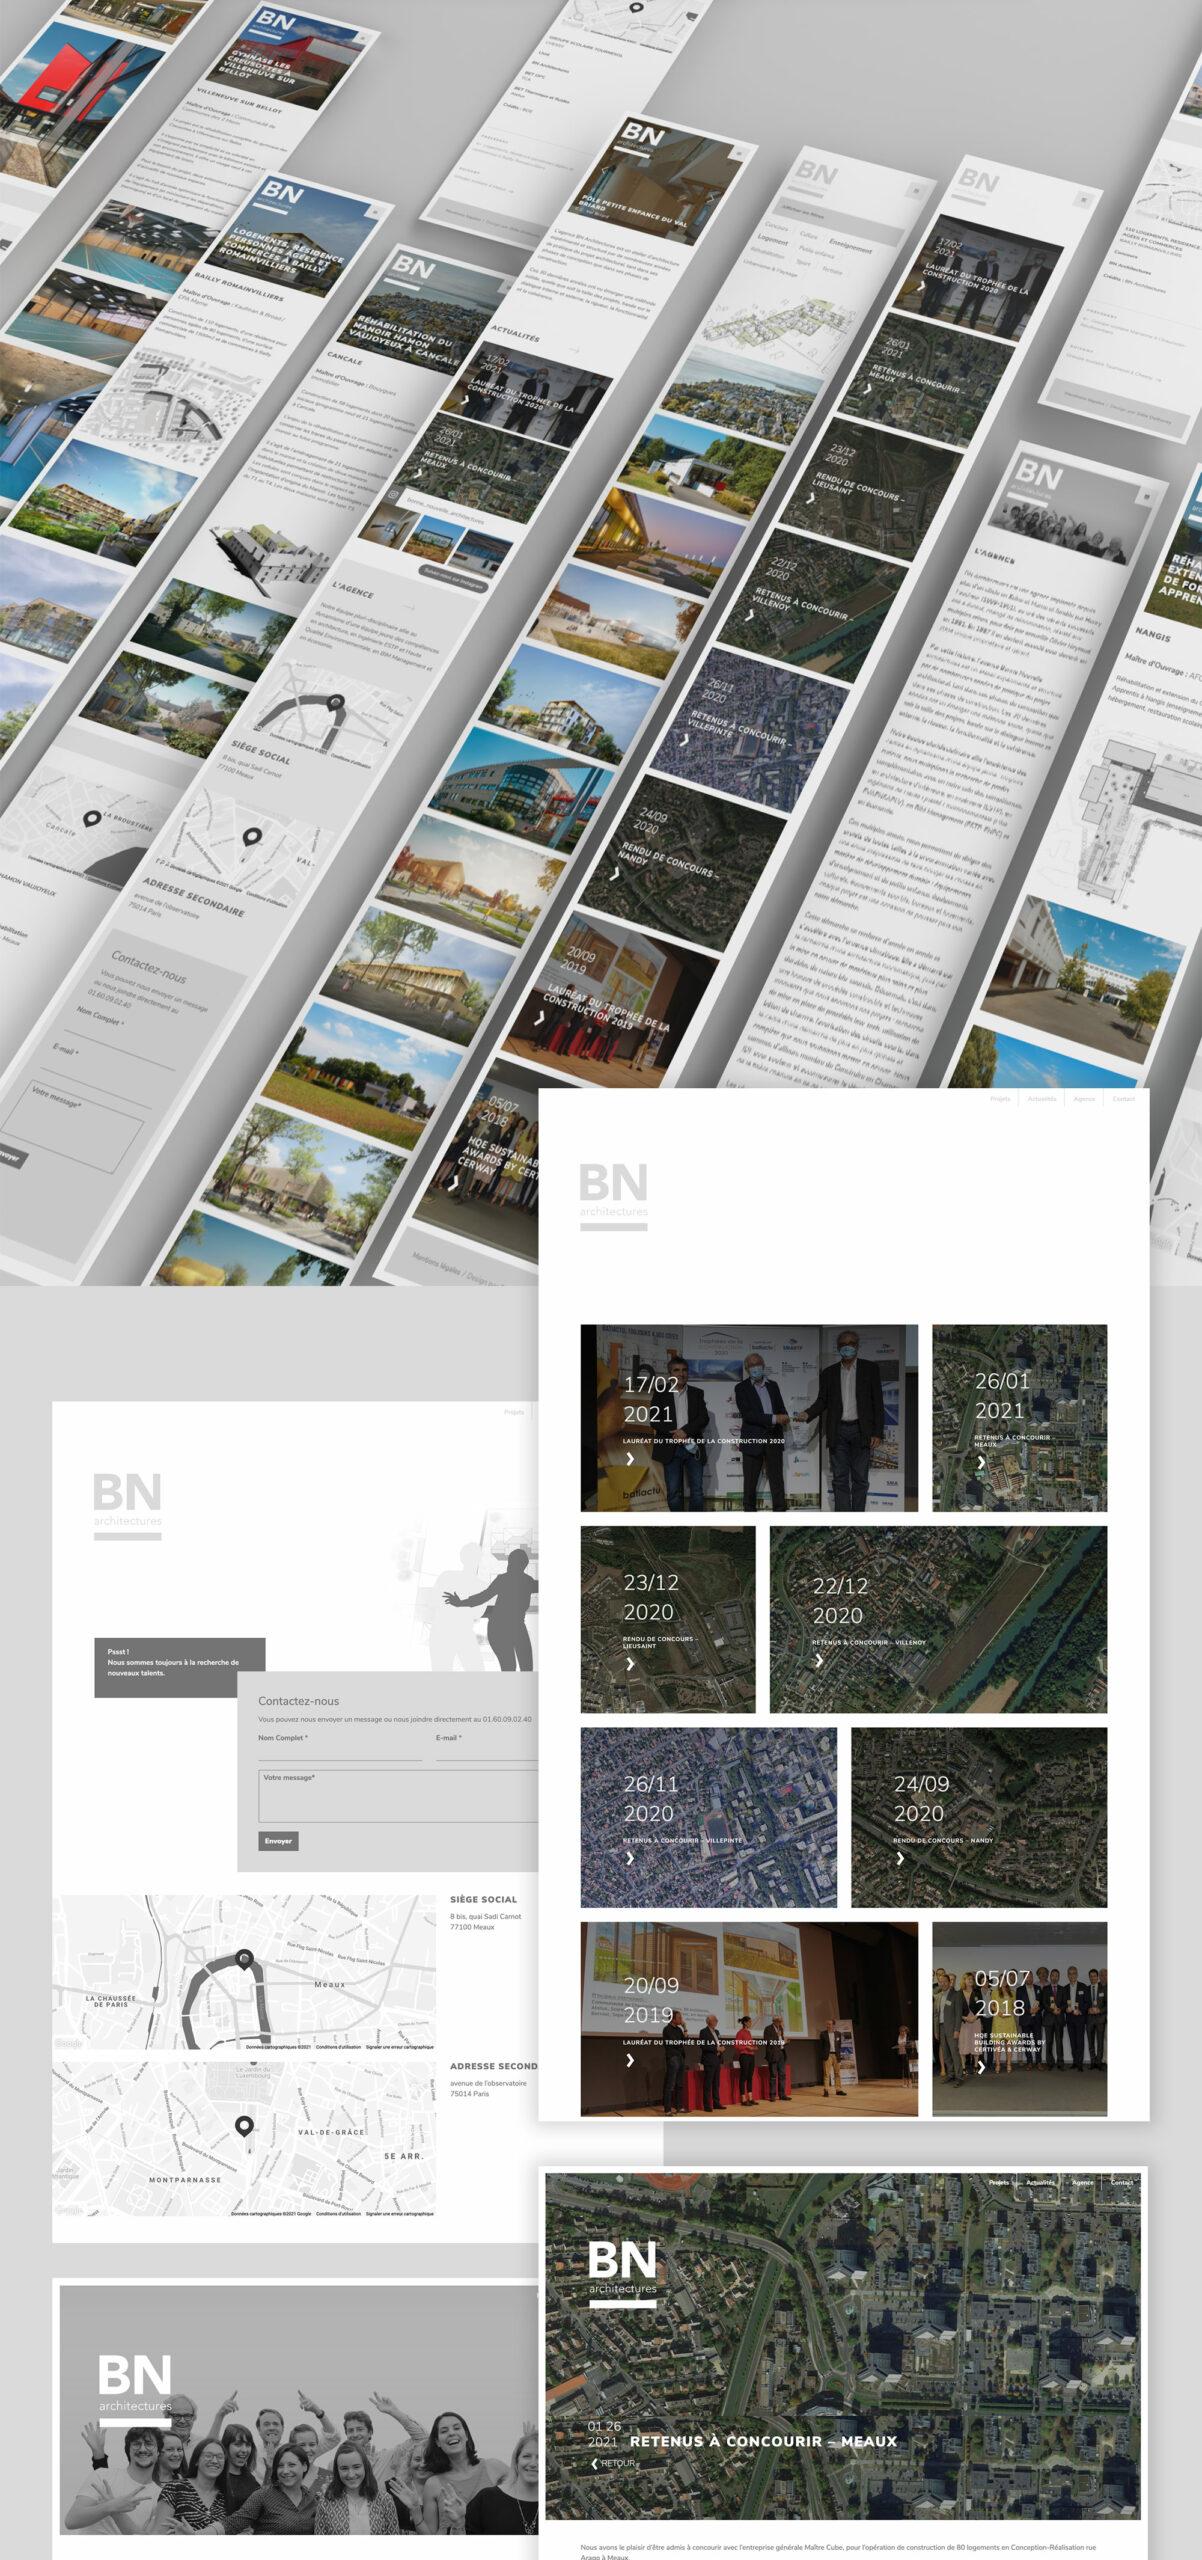 Version responsive de l'intégralité du site (tablettes comme mobiles)